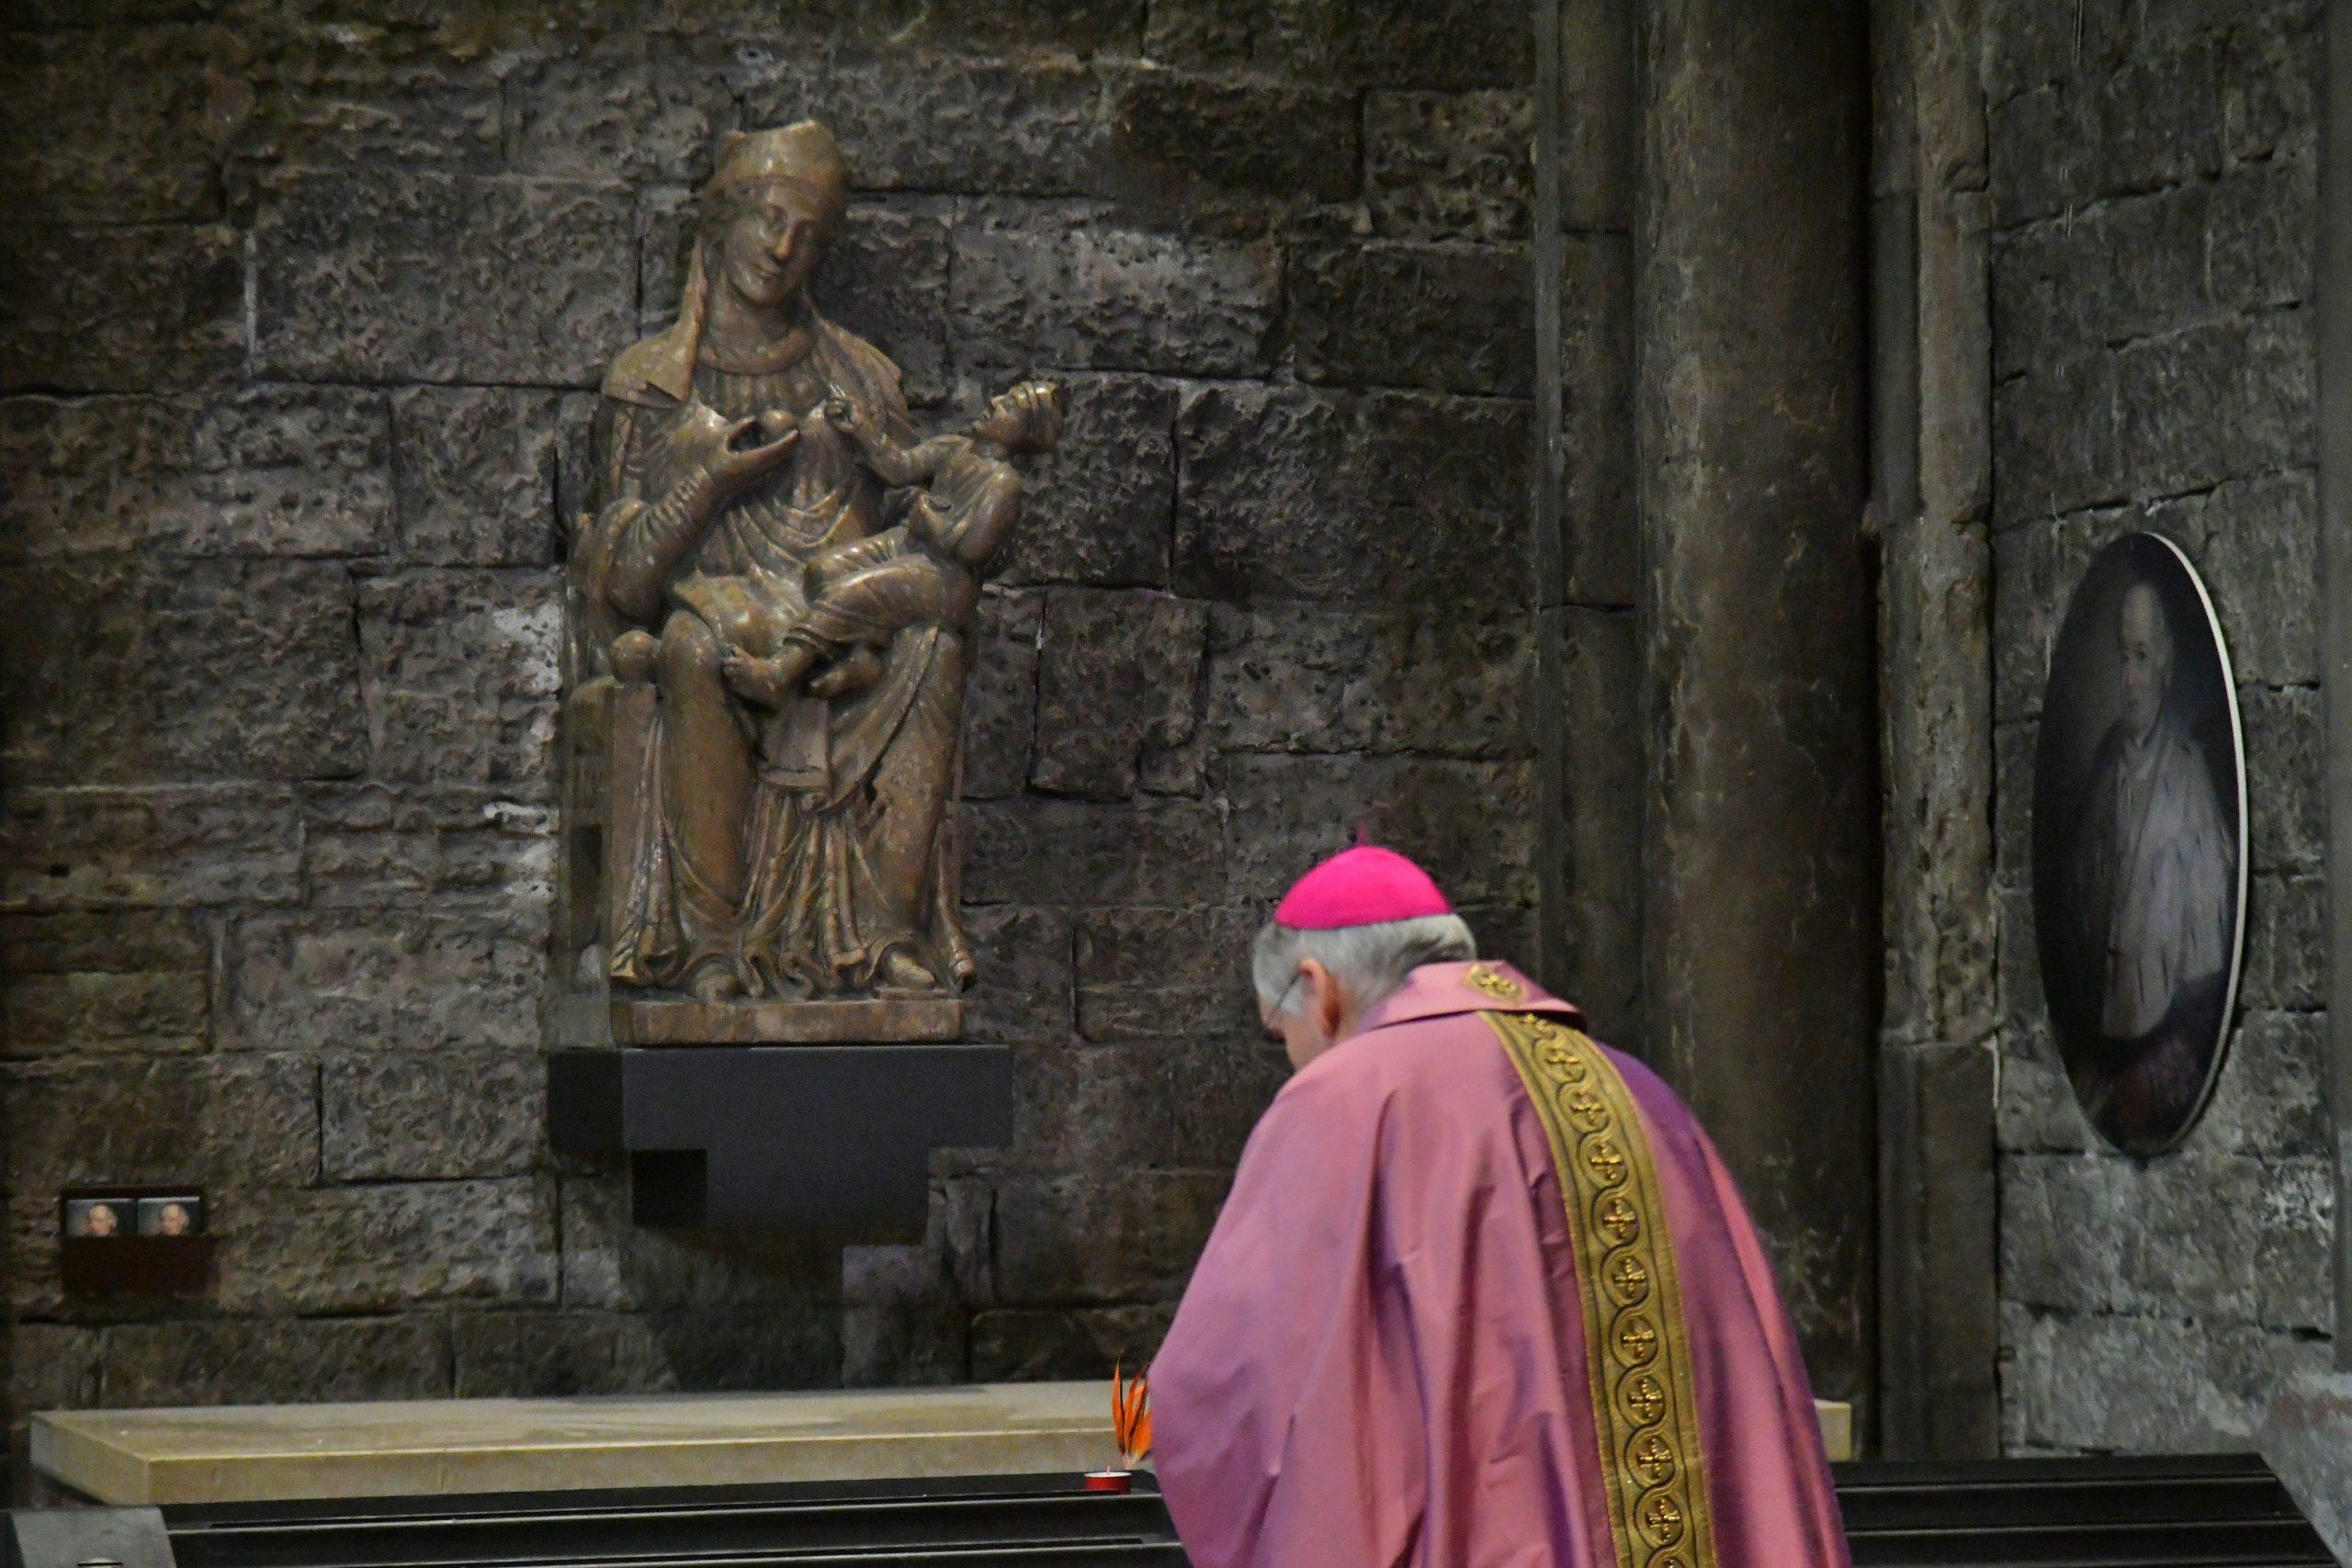 In pregheira davanti alla statua della Madonna degli annegati in Duomo a Trento (foto Zotta)